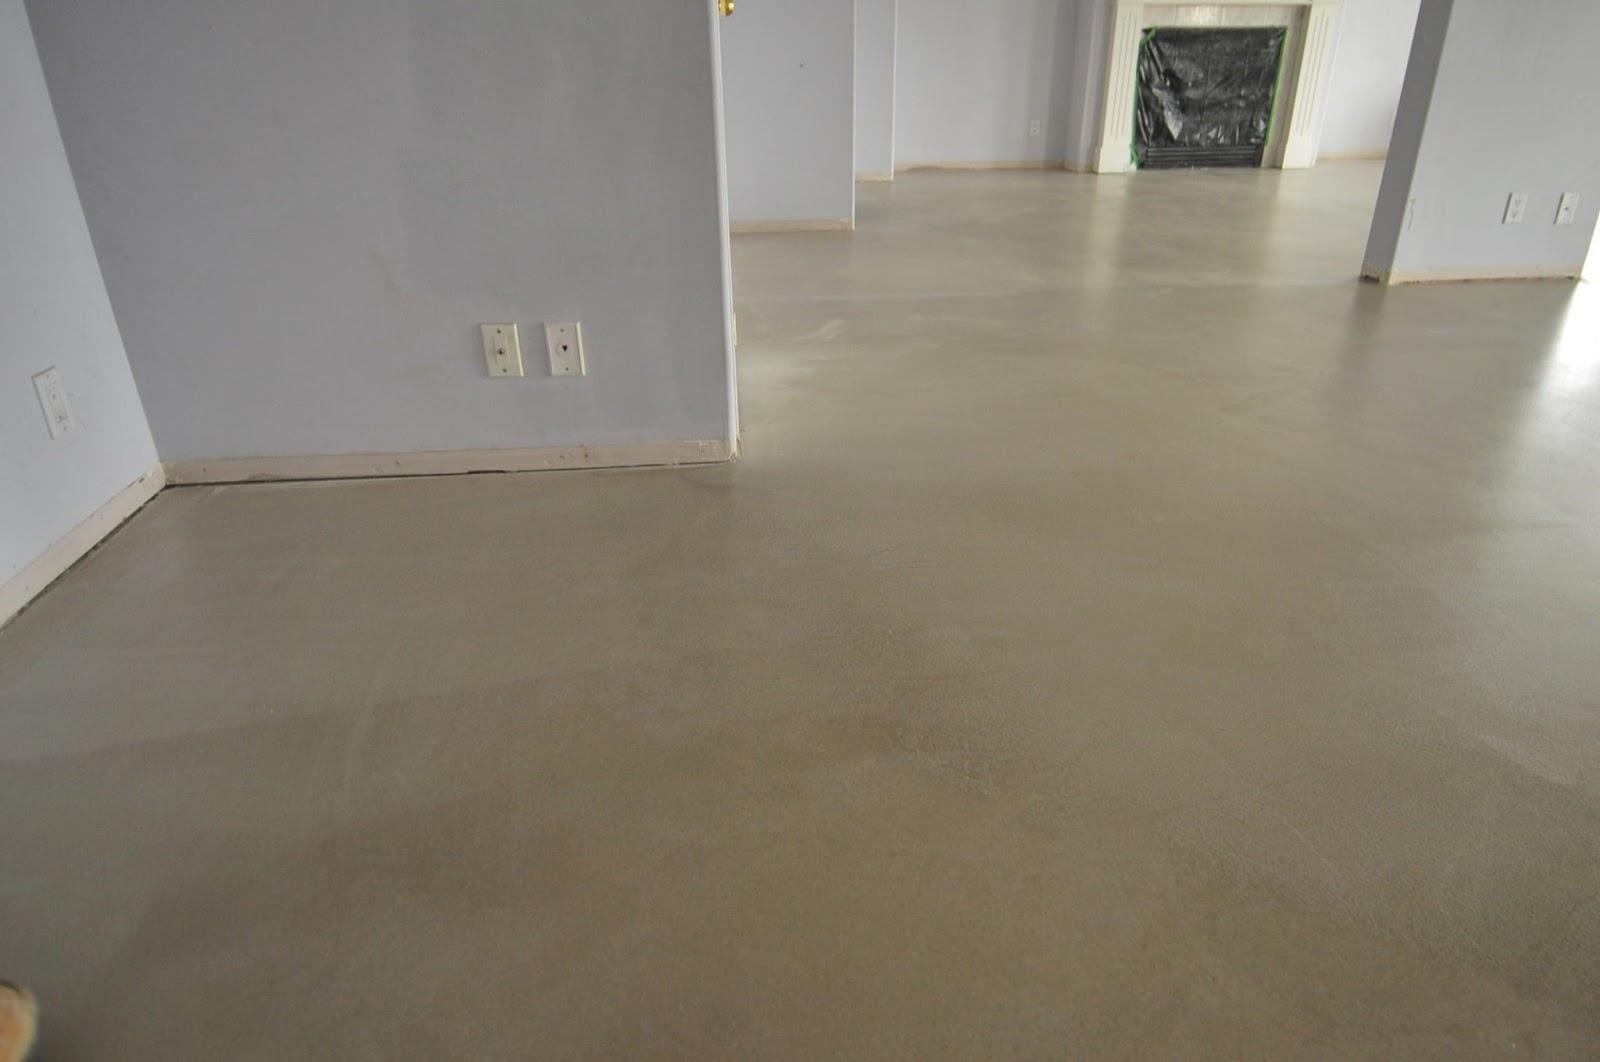 Concrete Floor Tiles >> MODE CONCRETE: Cool and Modern Concrete Floors